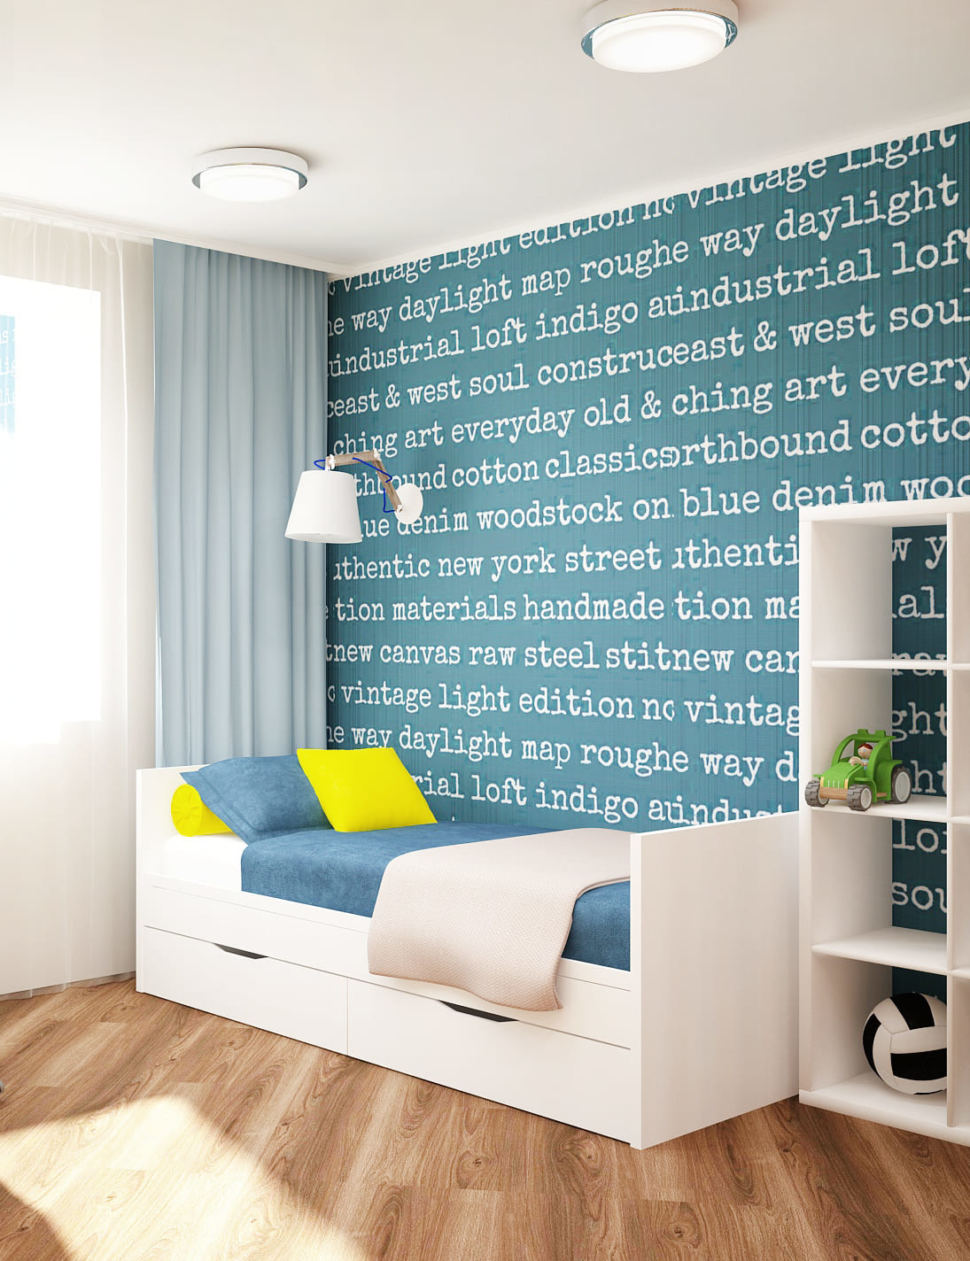 Визуализация детской комнаты 18 кв.м в желтых и синих тонах, кровать, белый стеллаж, настенные светильники, ламинат